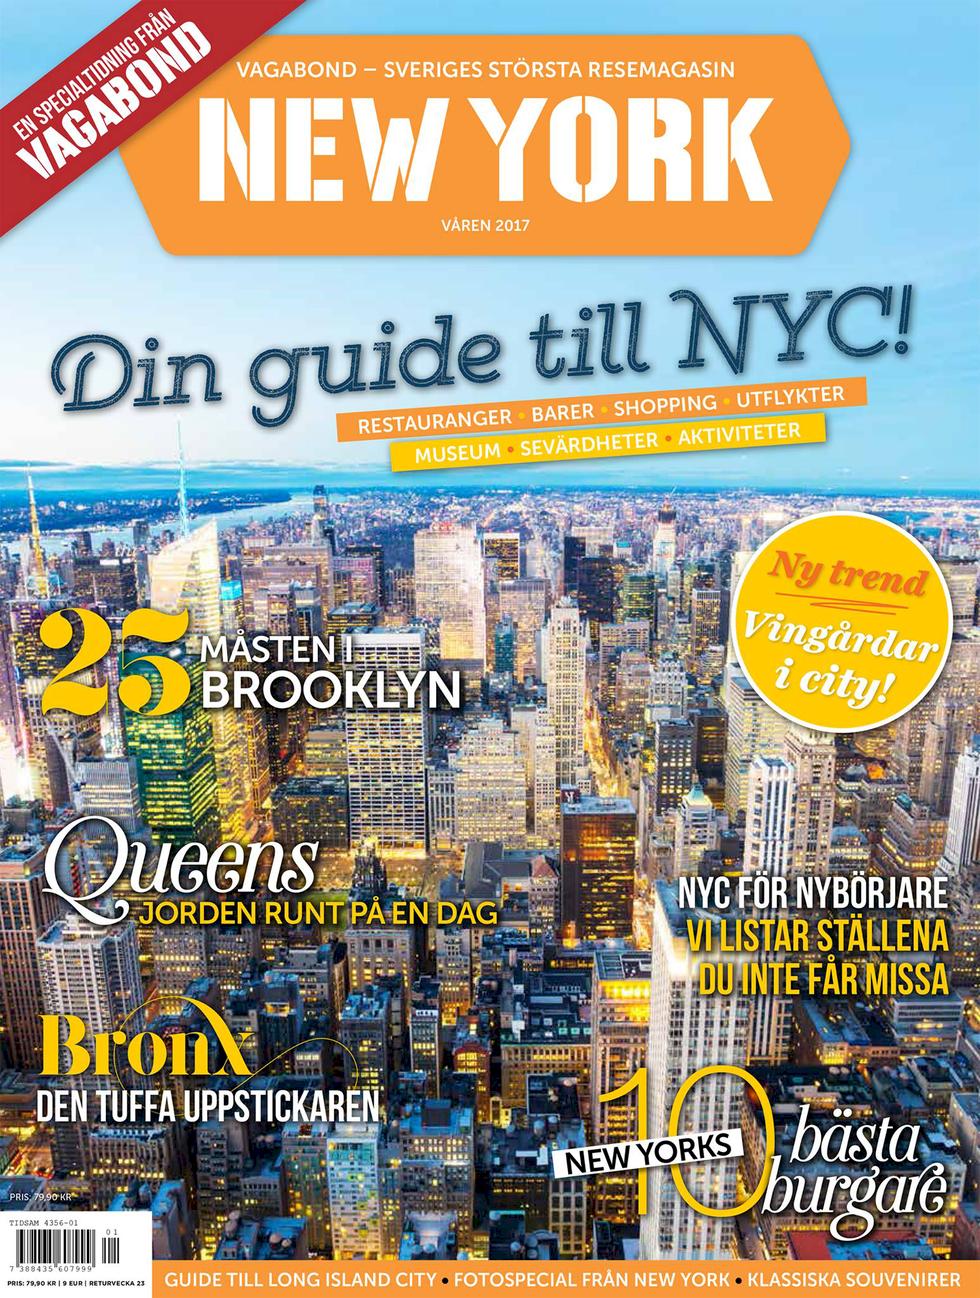 Tur & Retur 8: Lågsäsongsfynd, Airbnb & New Yorks hemliga kvarter